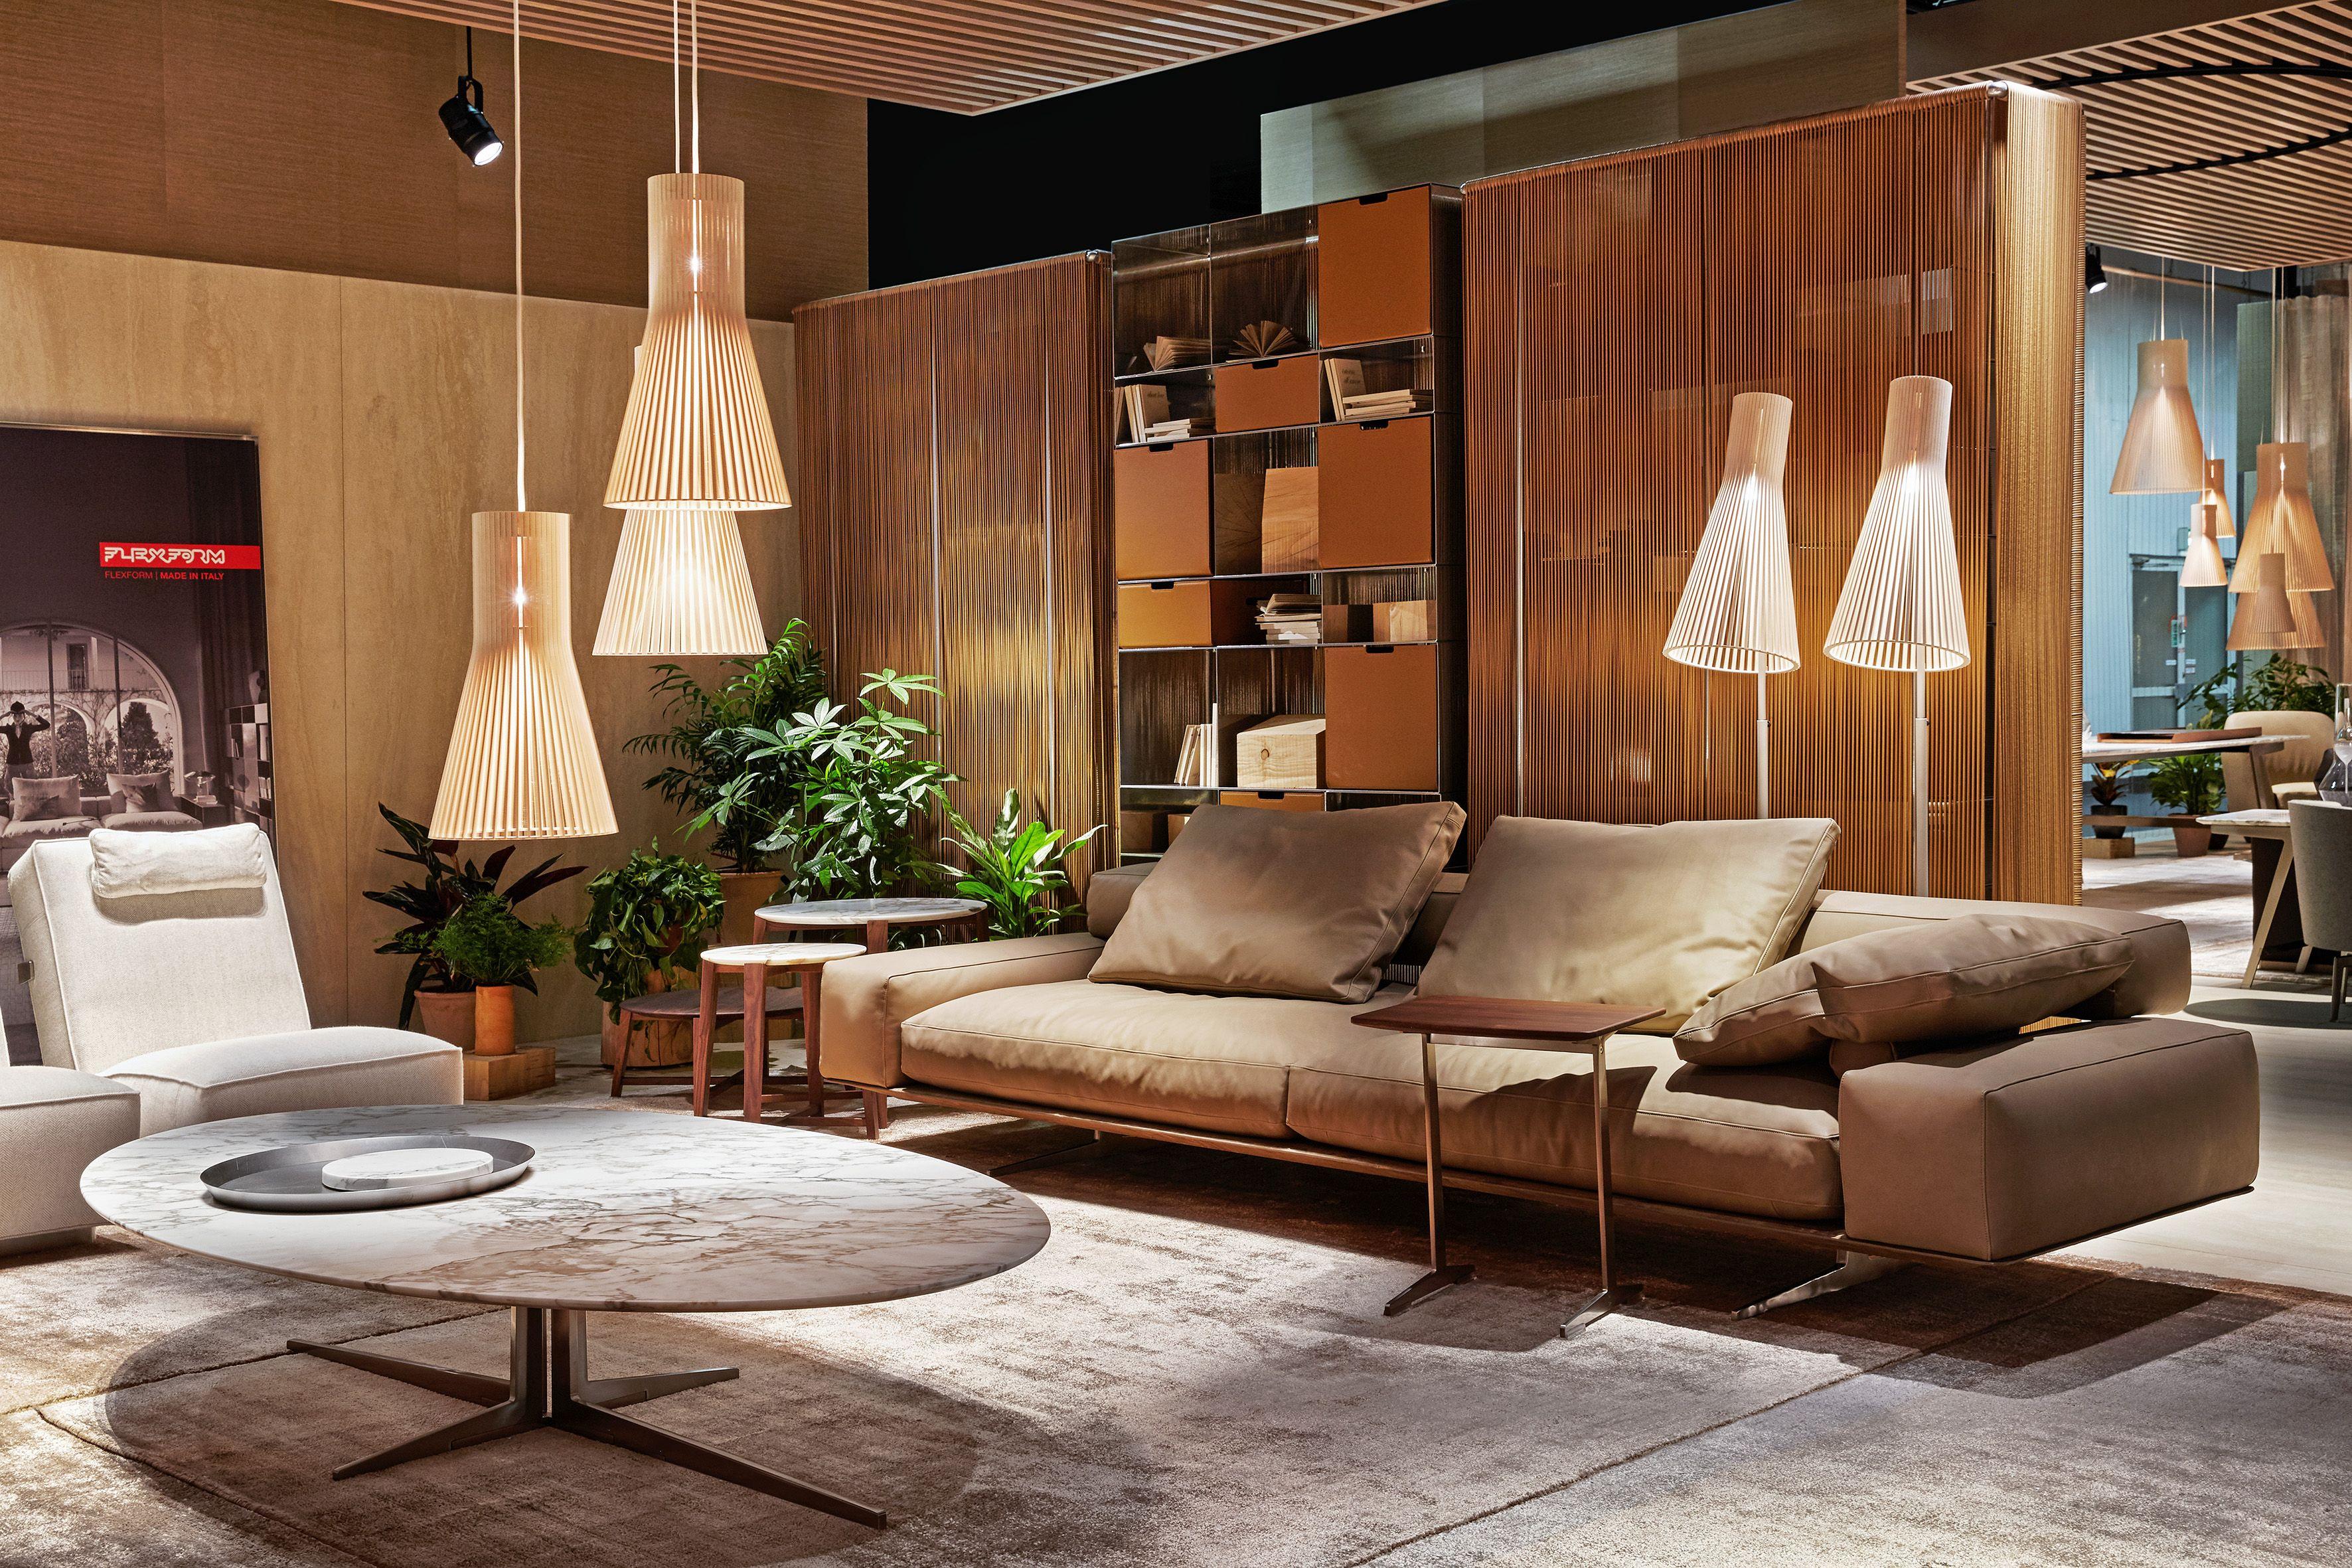 FLEXFORM NEW LARIO sofa design Antonio Citterio